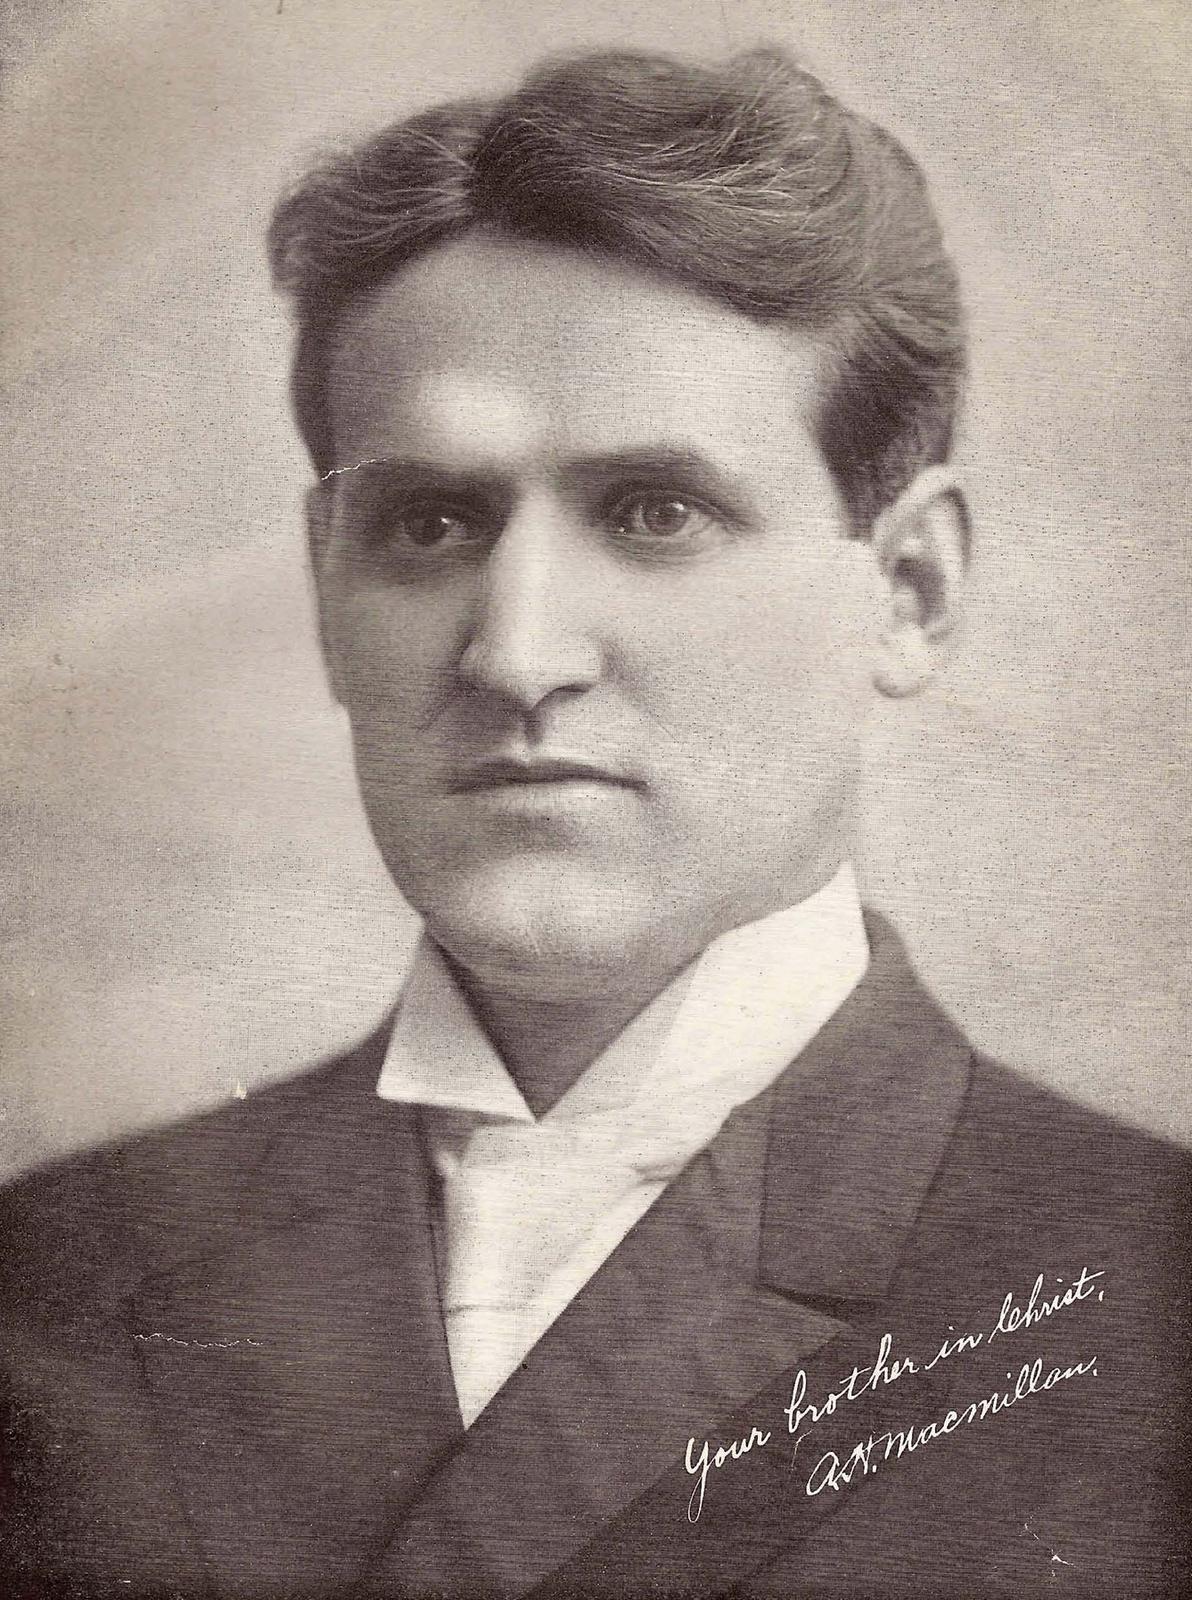 1-A.H. Macmillan